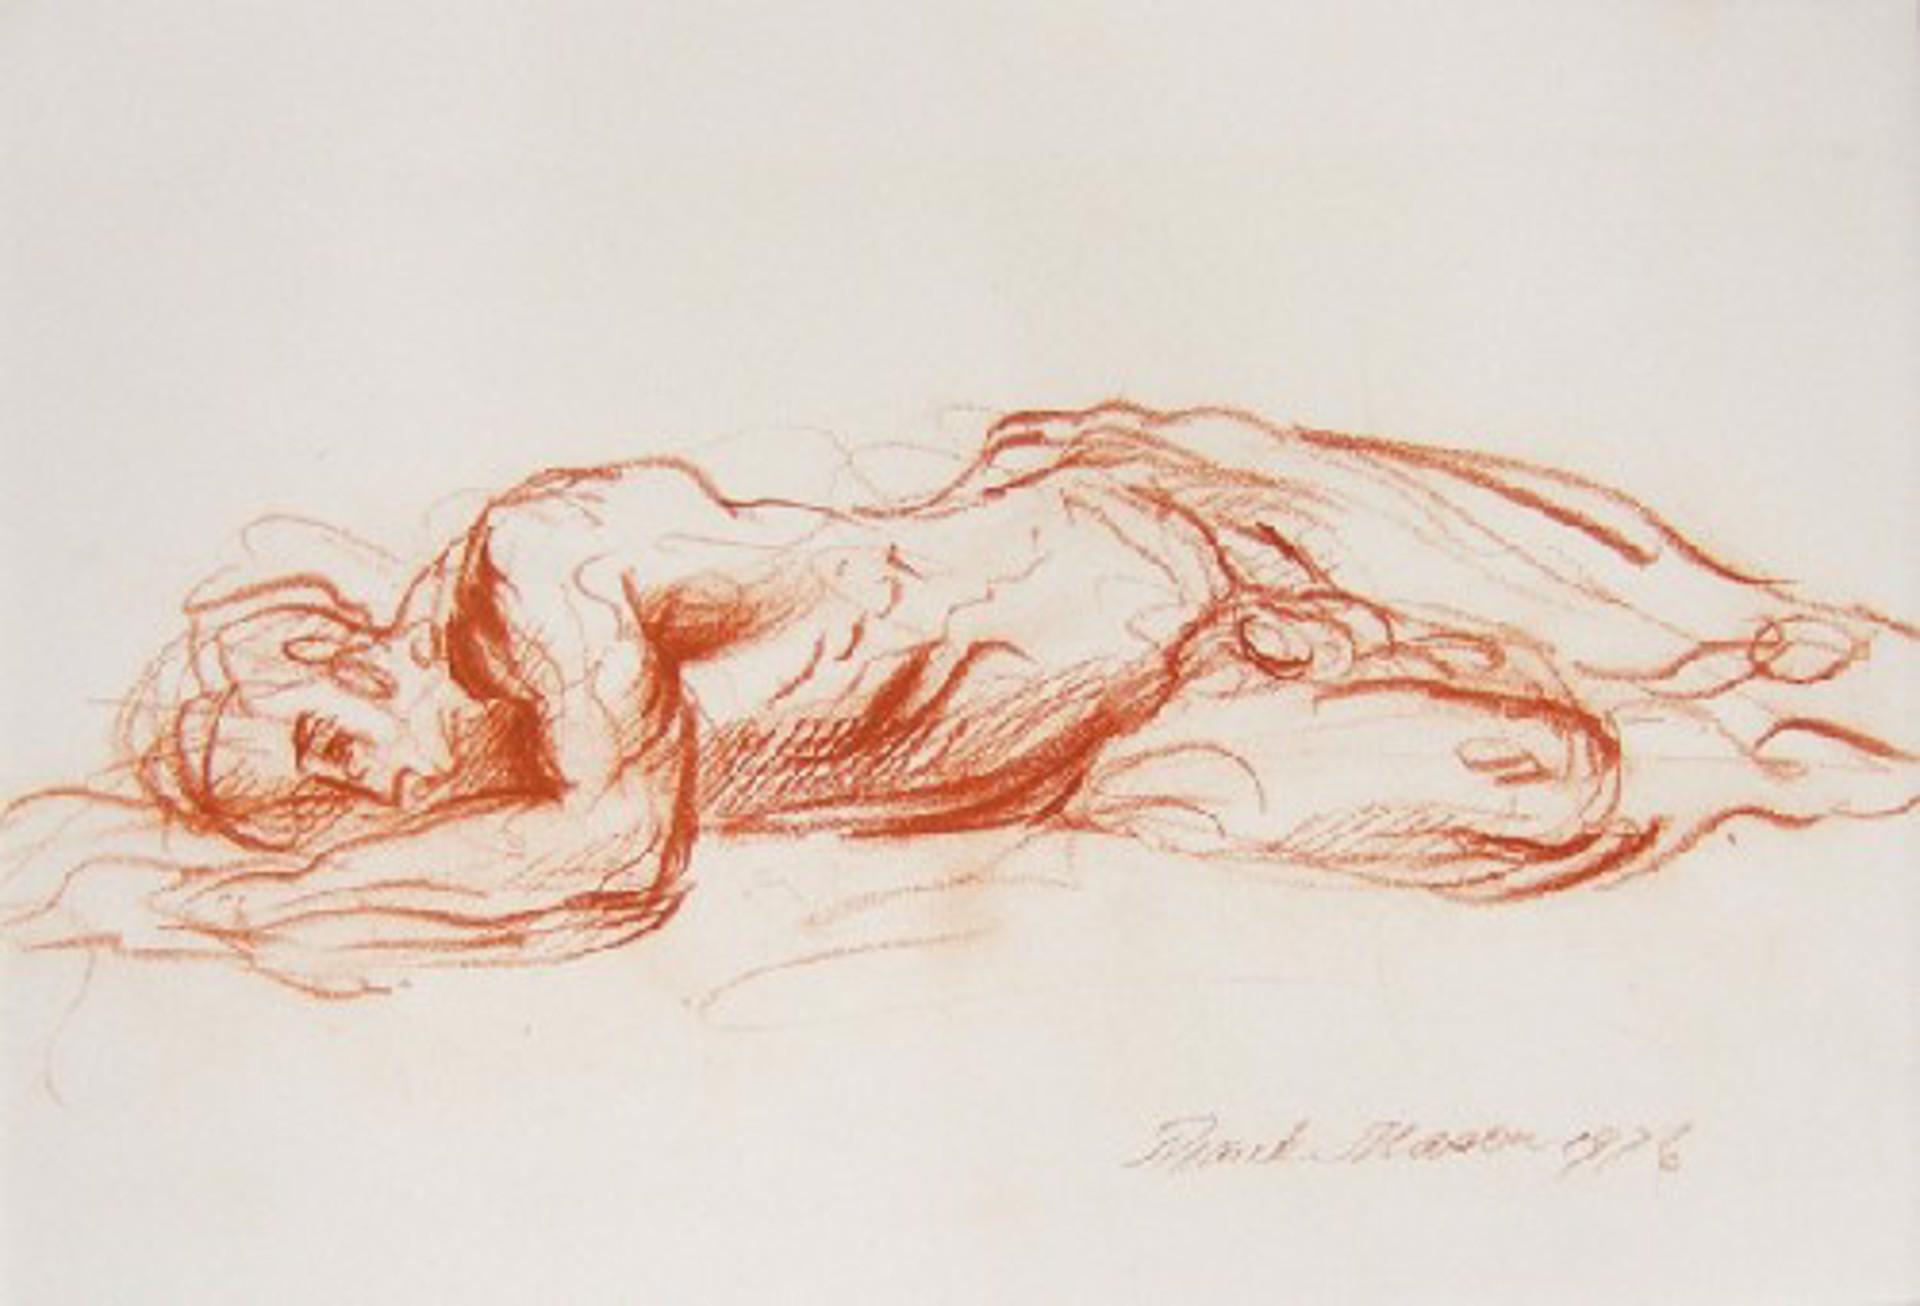 Sleeping Endymion by Frank Mason (1921 - 2009)